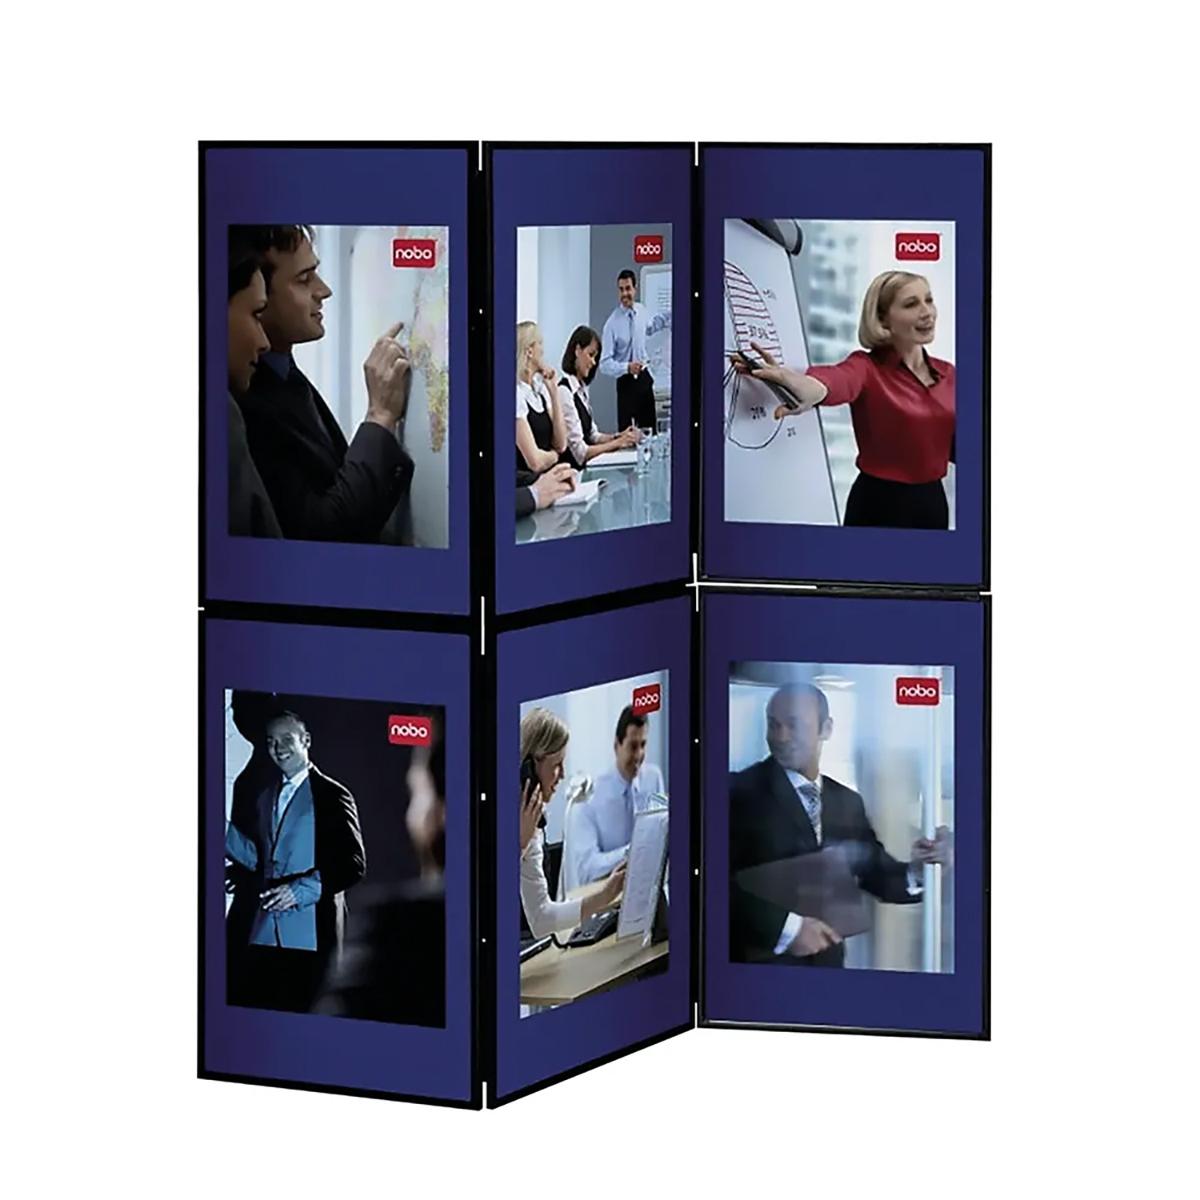 Proactive Business Supplies Ltd